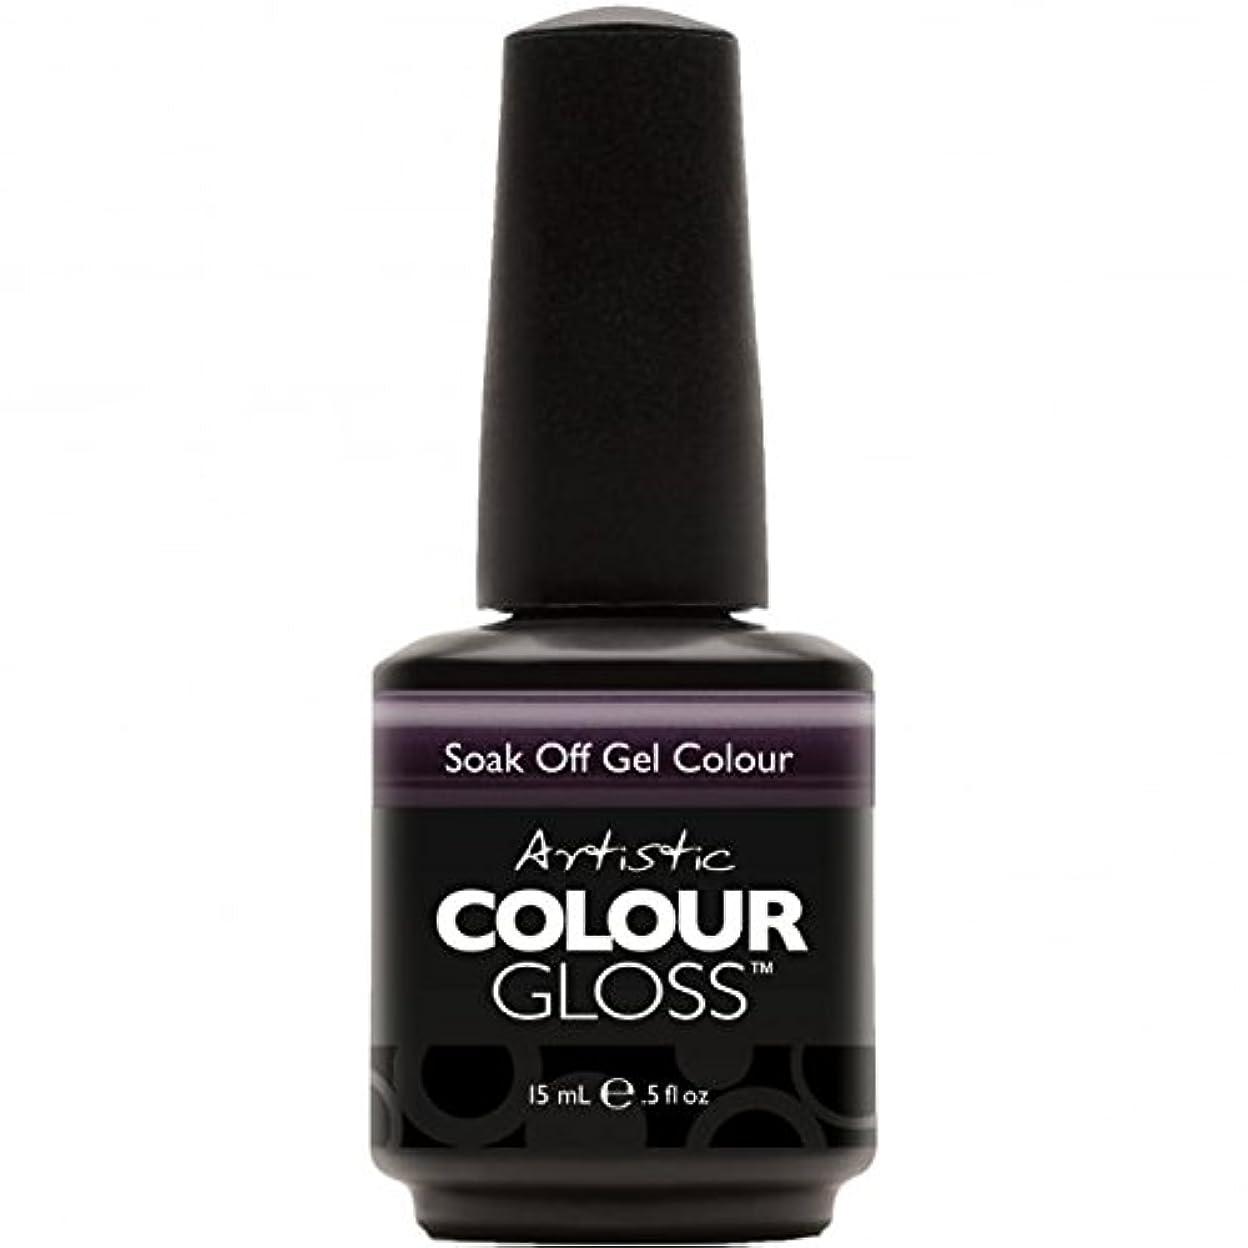 作家少なくともペチュランスArtistic Colour Gloss - Royalty - 0.5oz / 15ml